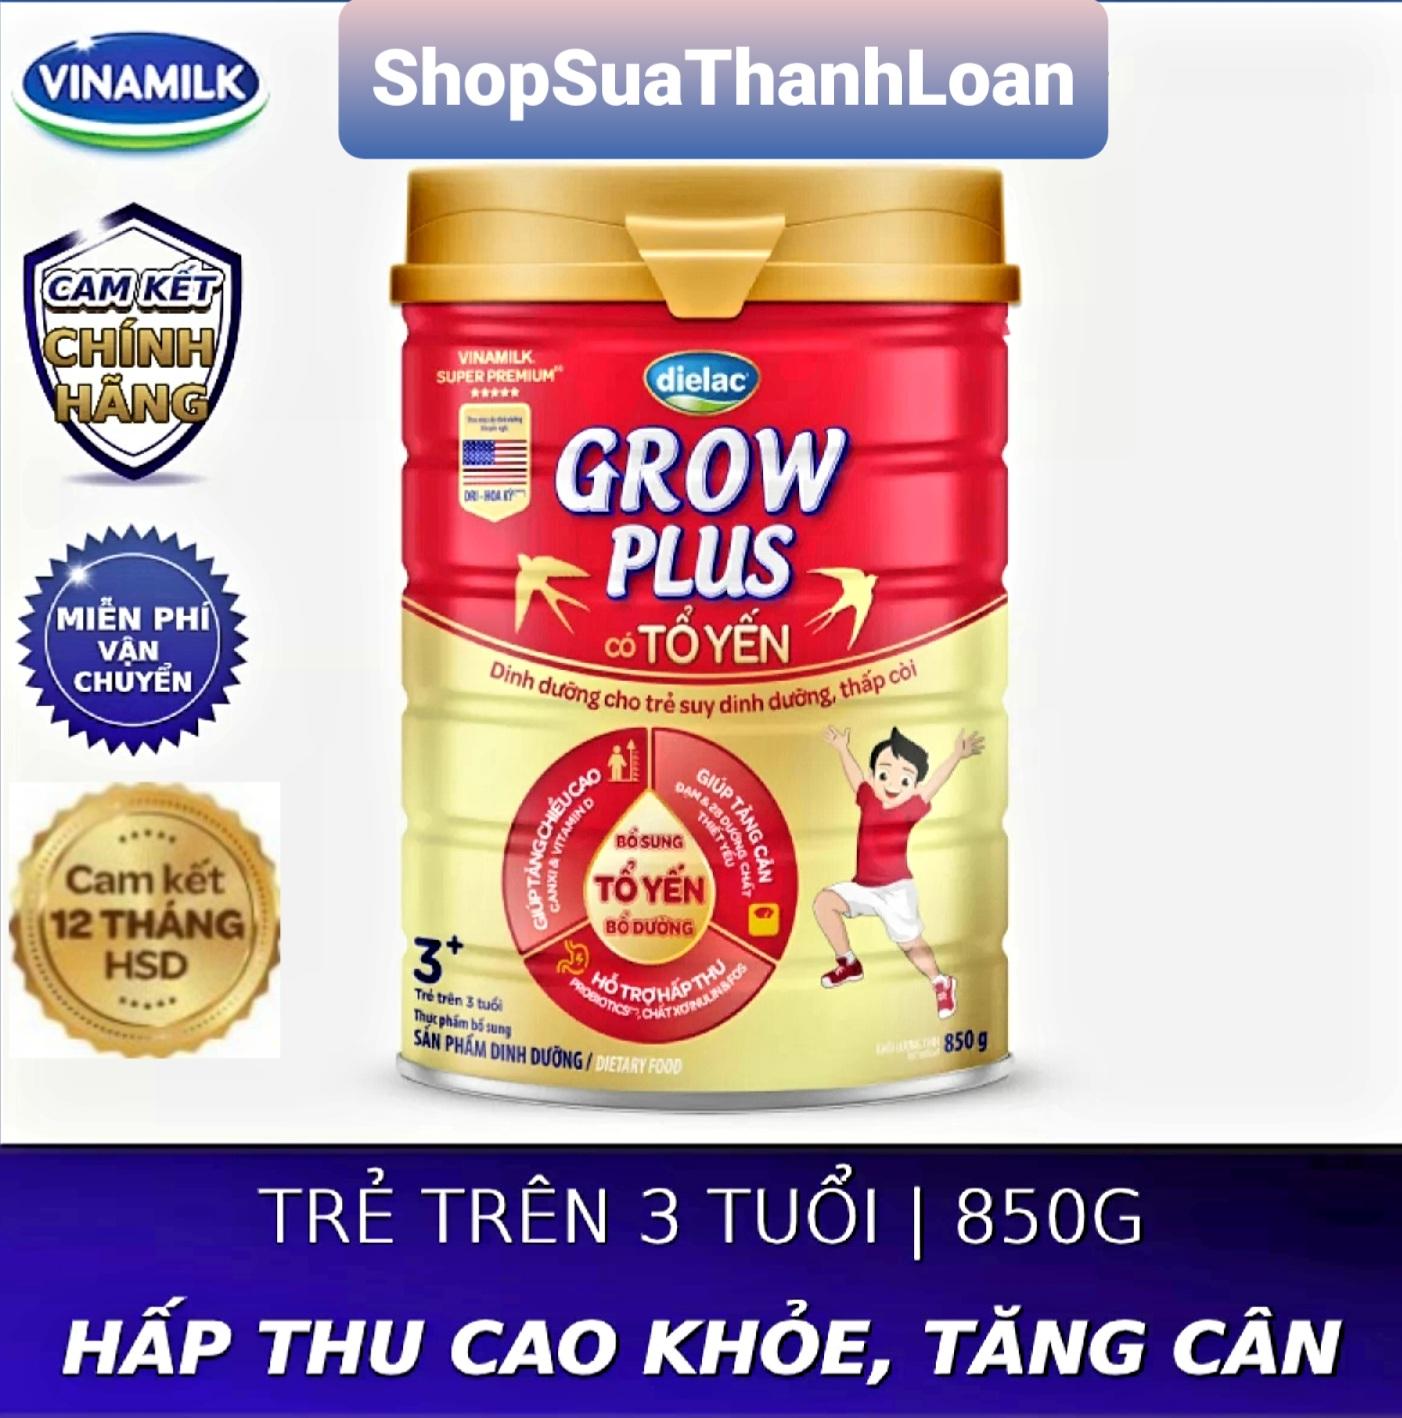 [HSD T1-2023] SỮA BỘT DIELAC GROW PLUS CÓ TỔ YẾN (850G) (CHO TRẺ TRÊN 3 TUỔI)